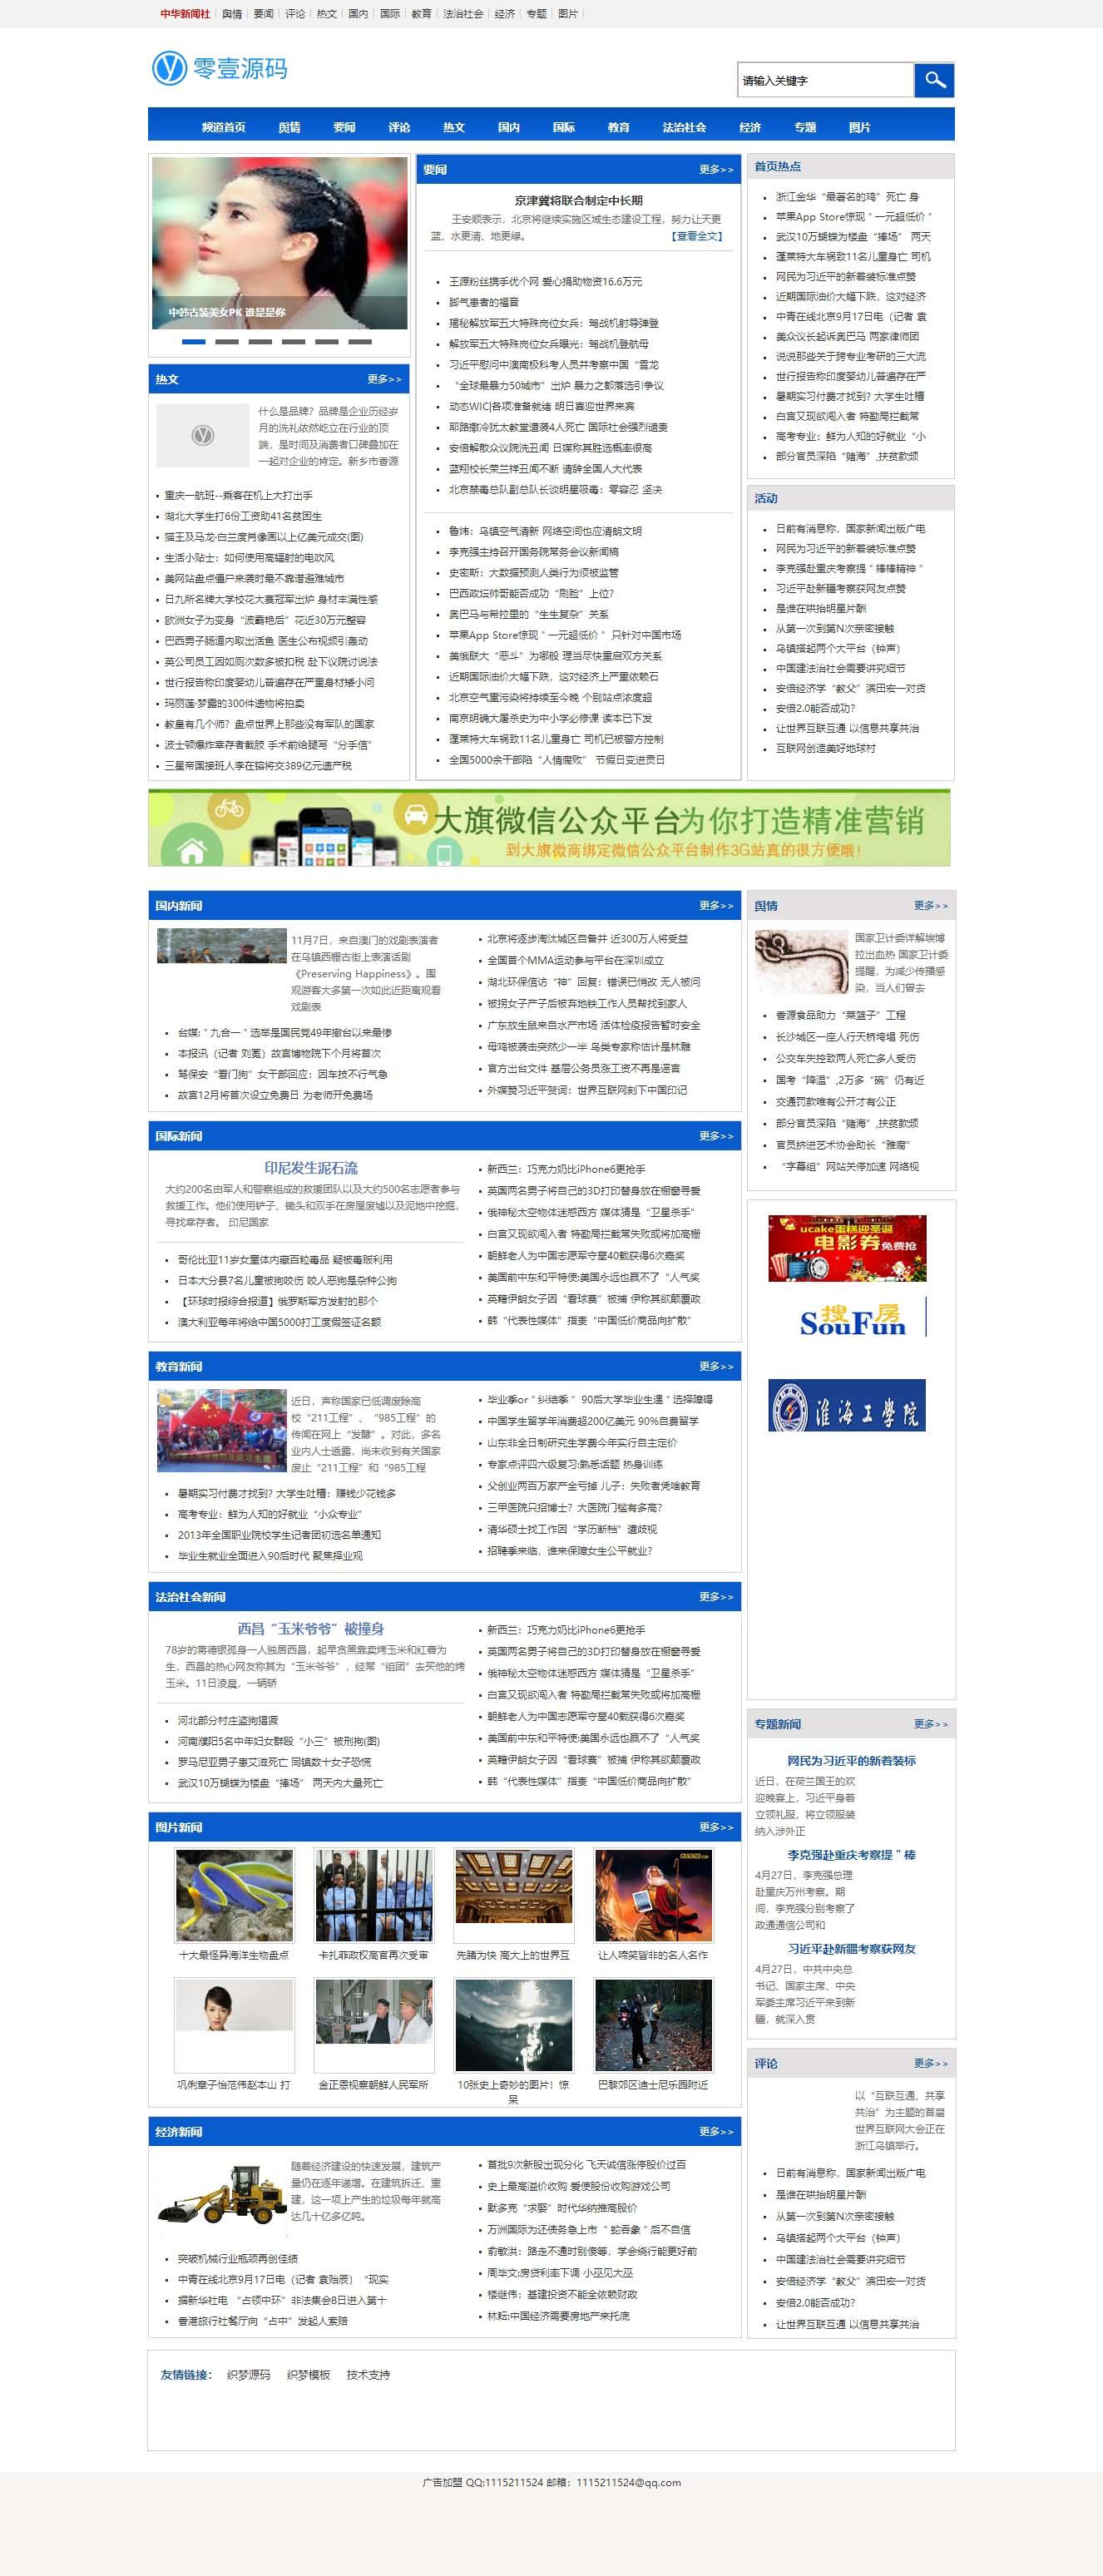 最新升级仿中华新闻社文章门户类织梦dedecms模板